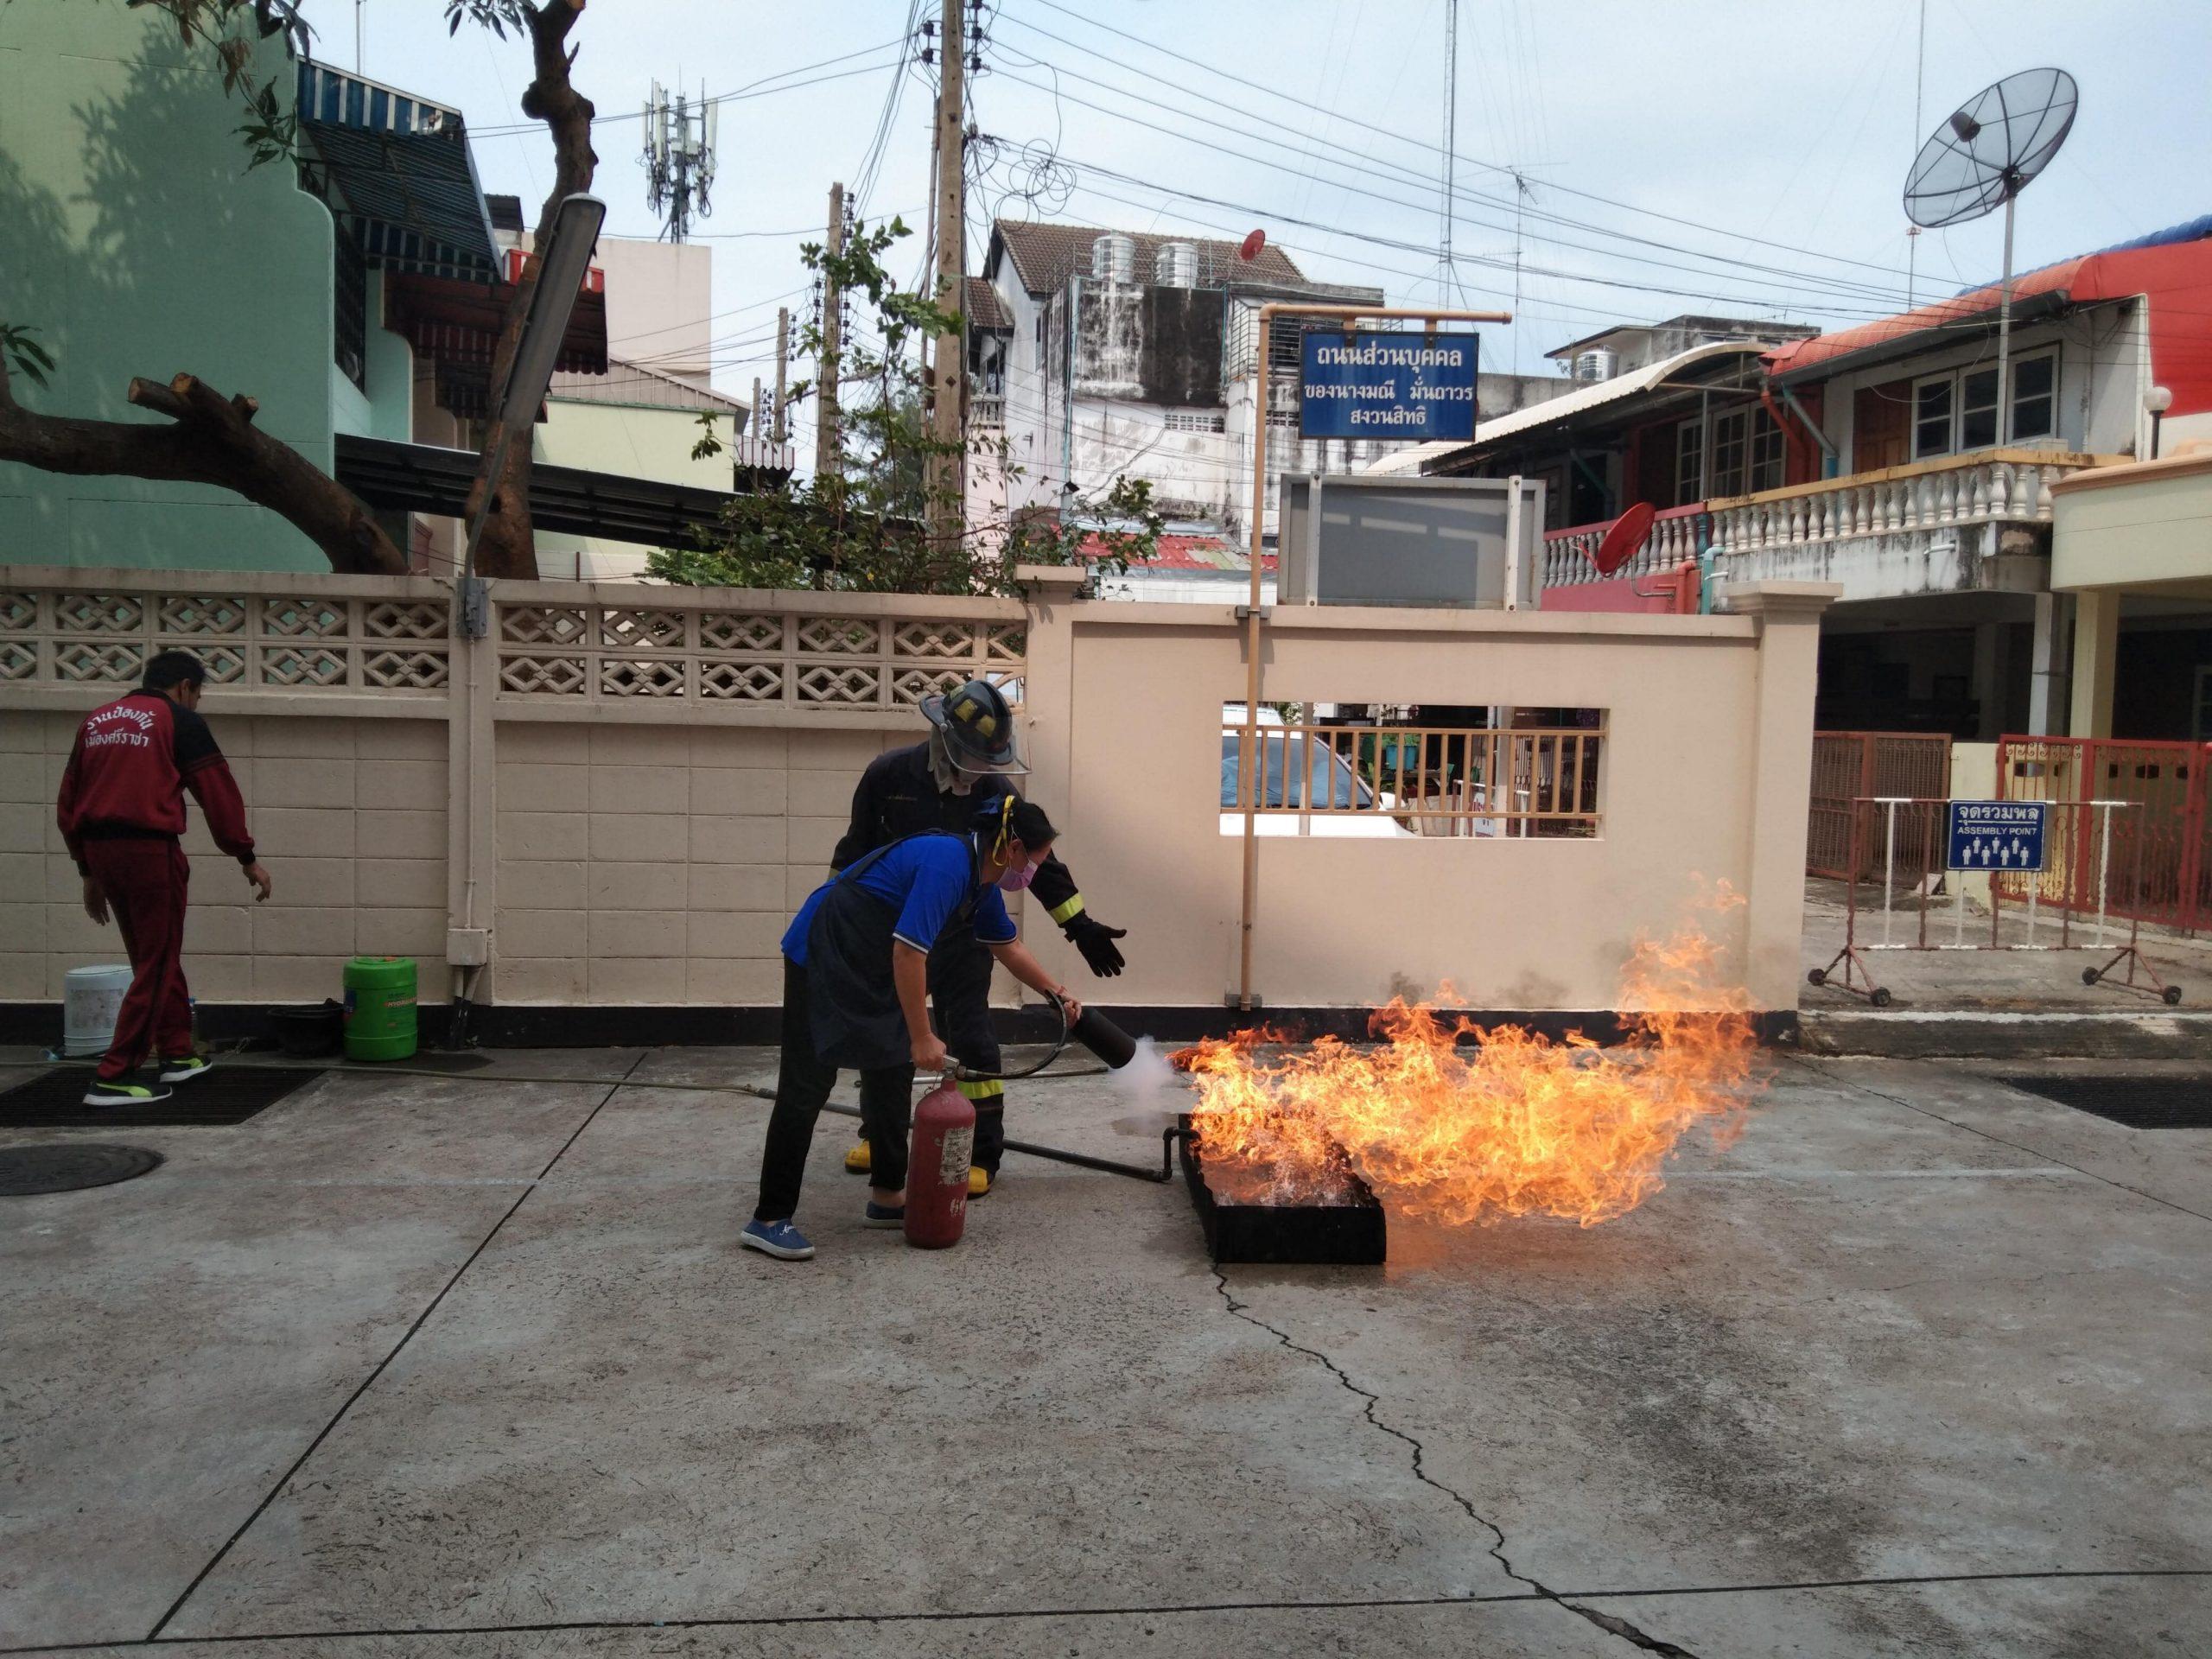 単身者、夫婦向けサービスアパート グリーンライフ 消防訓練